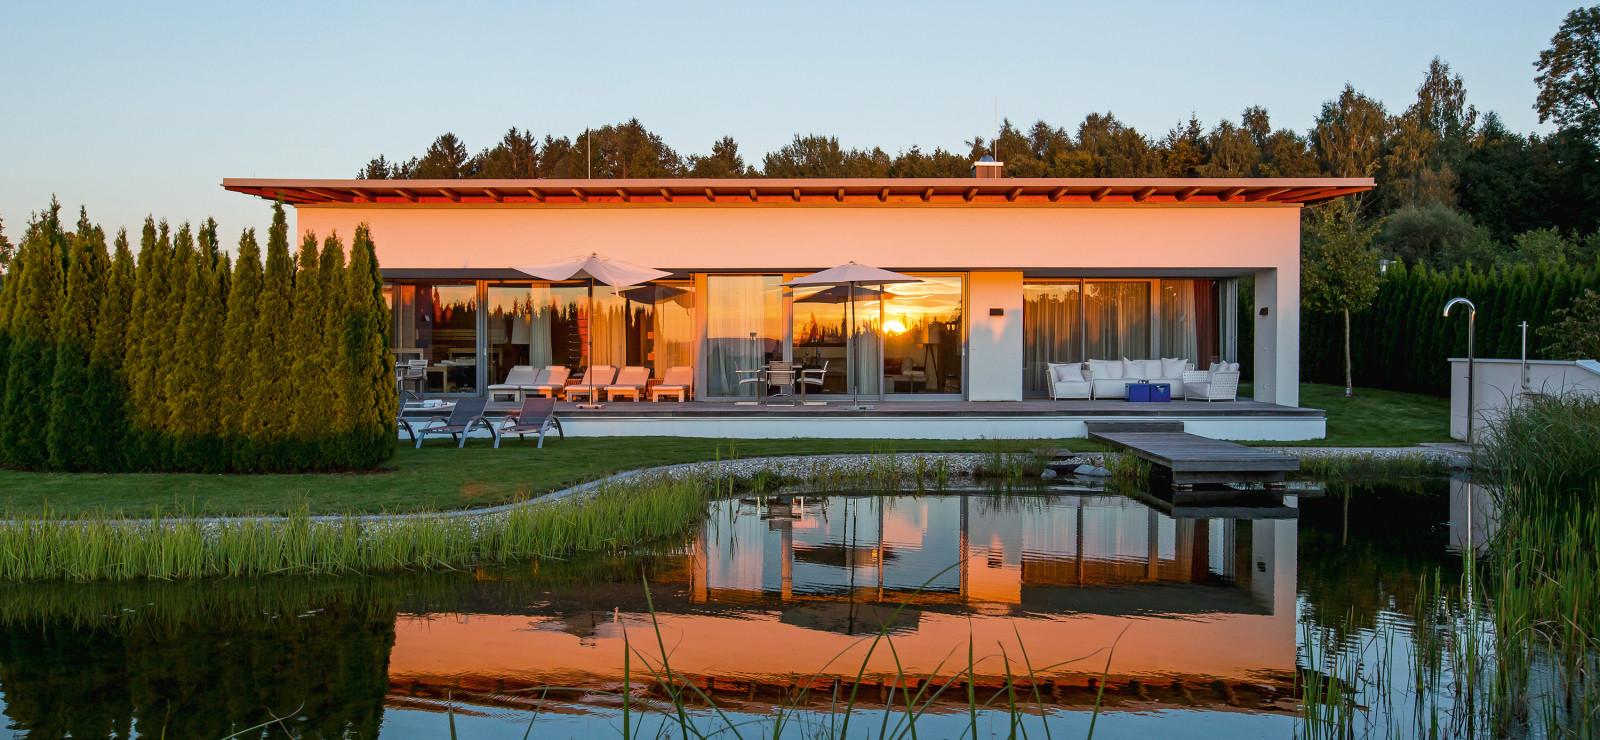 Geinberg5 Private SPA Villas Bilder | Bild 1